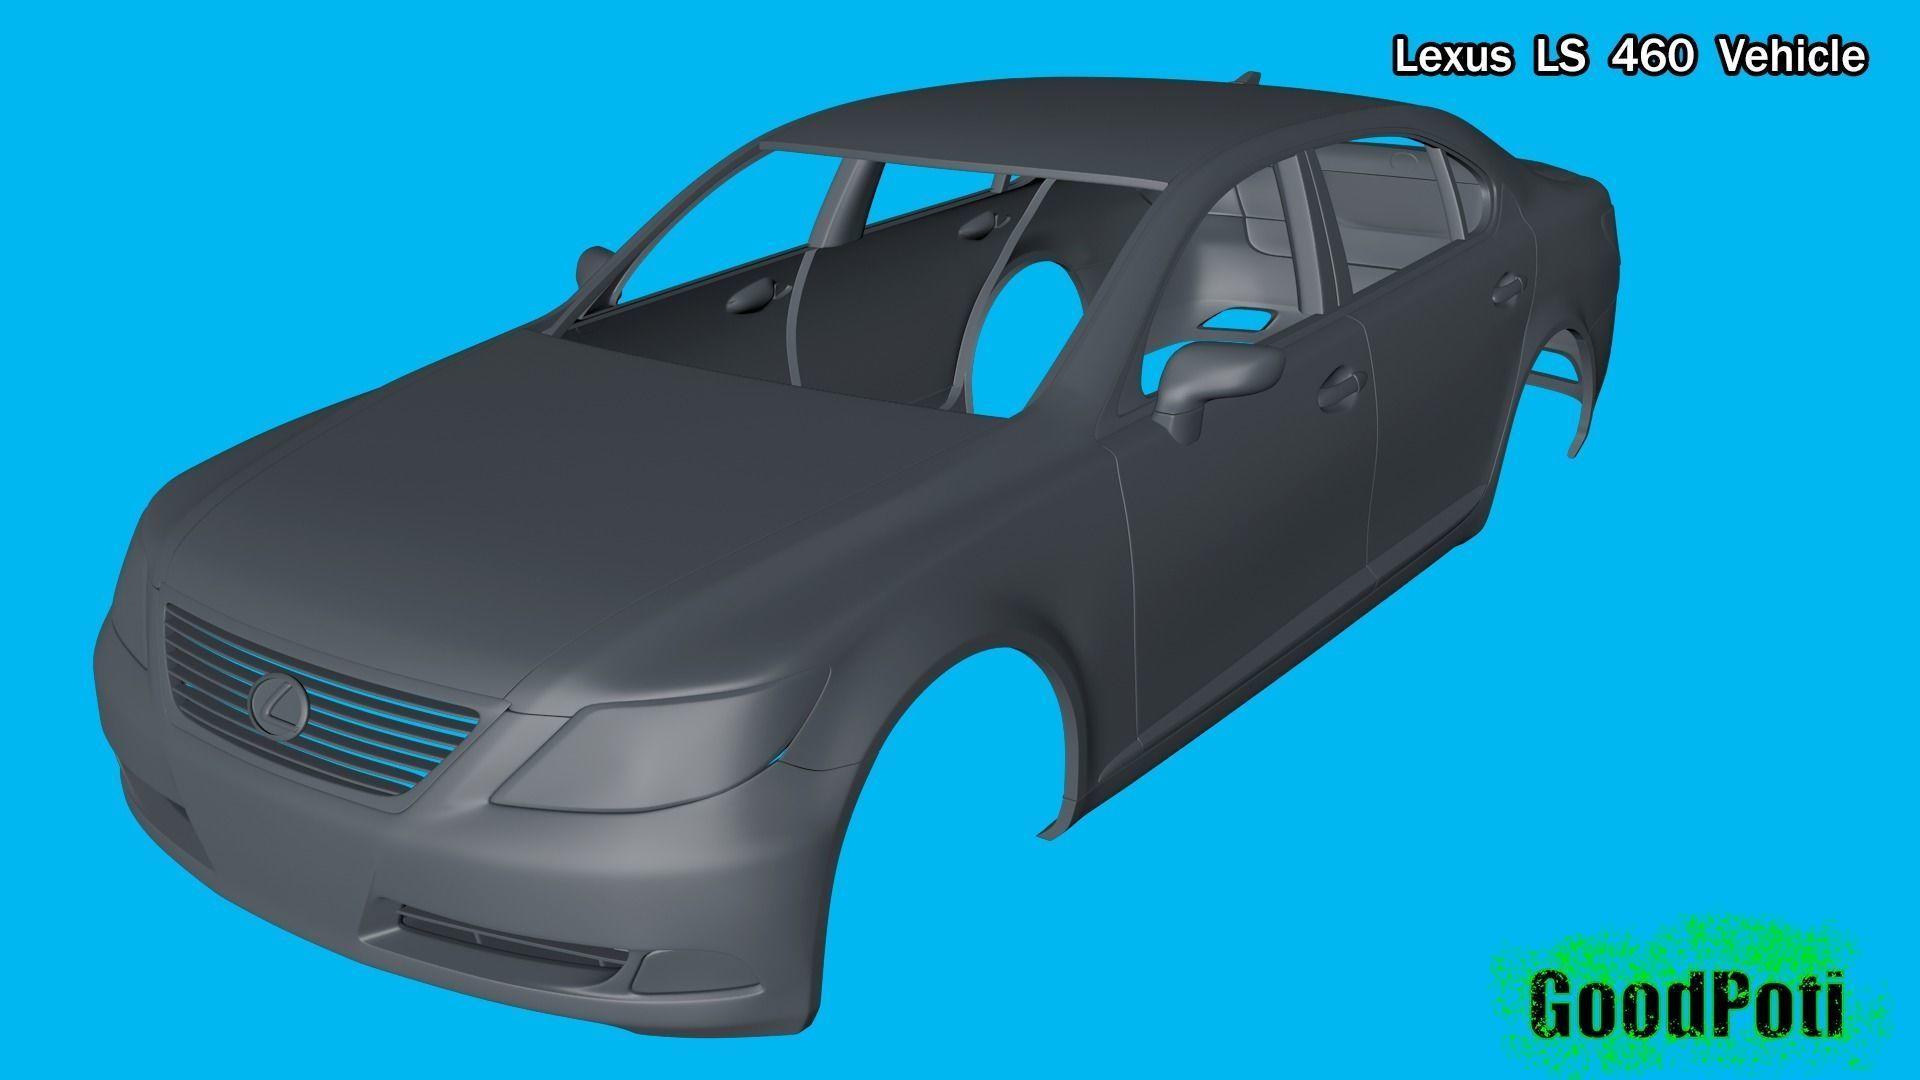 Lexus LS 460 Vehicle